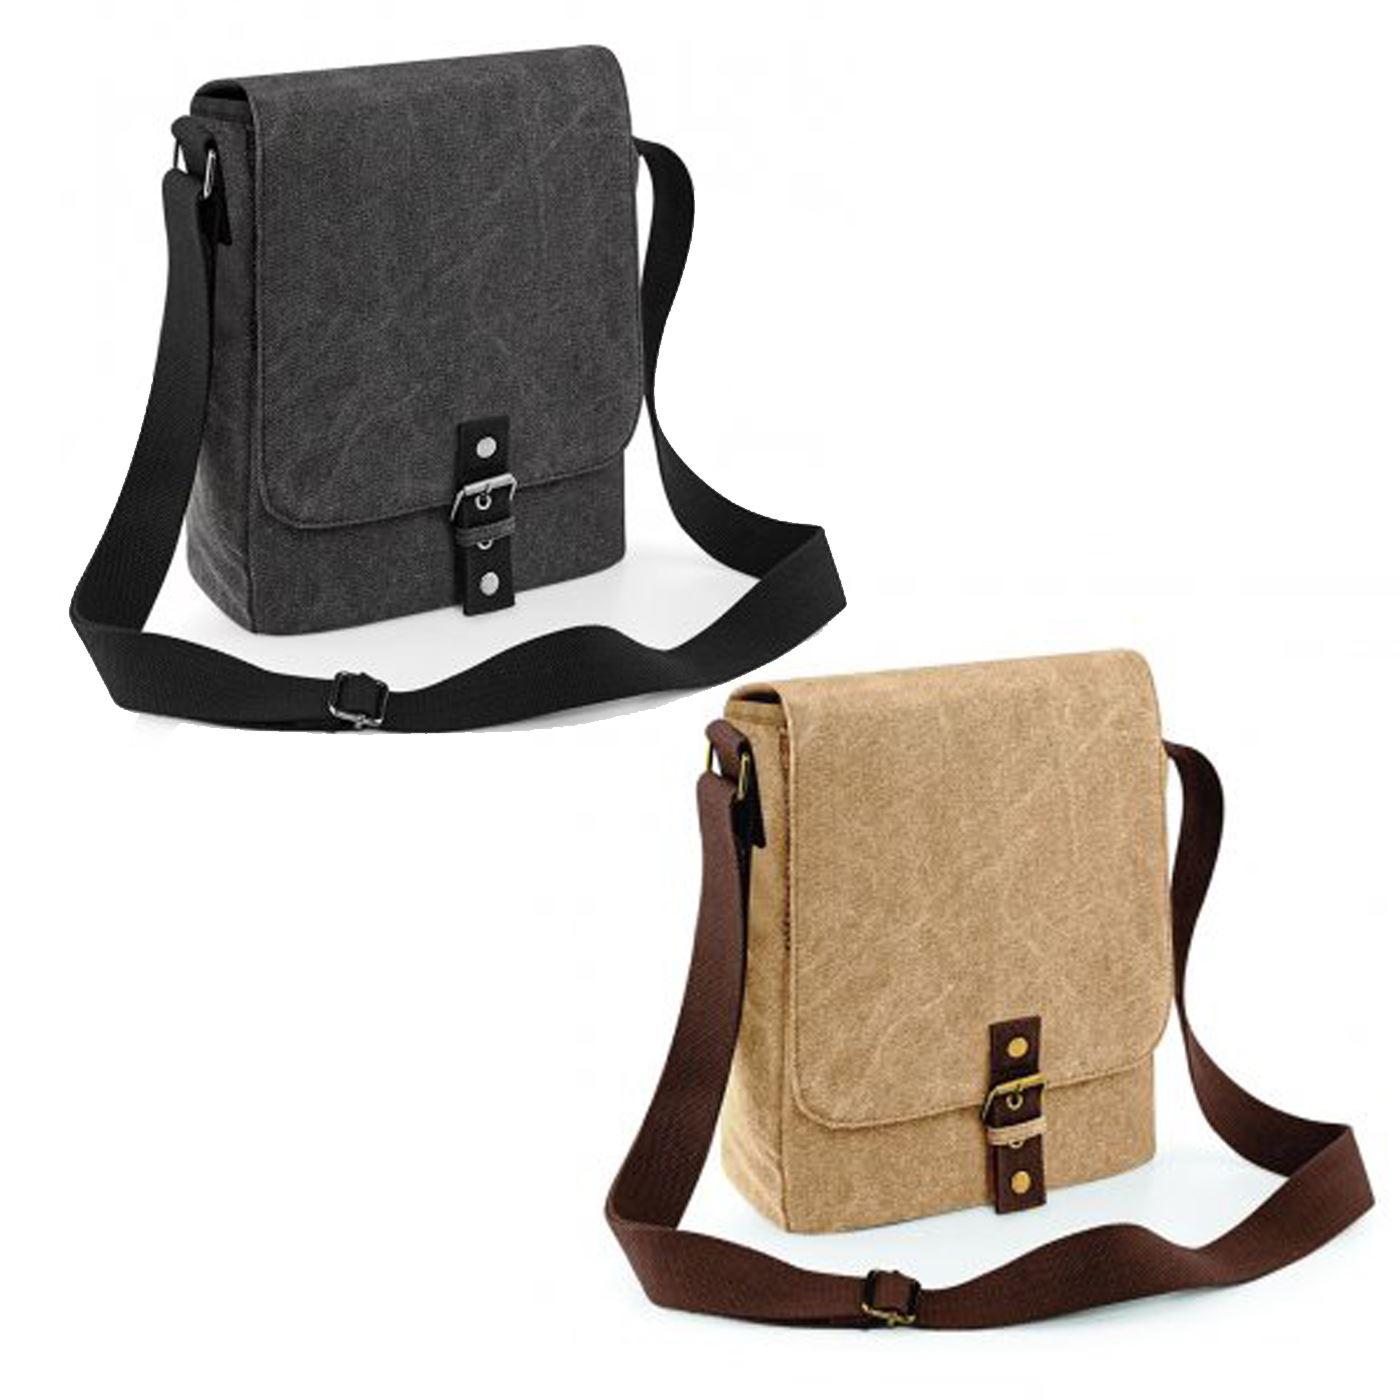 7cfc0df7ac Details about Quadra Vintage Canvas iPad Tablet Reporter Shoulder Carry Bag  Pouch Messenger